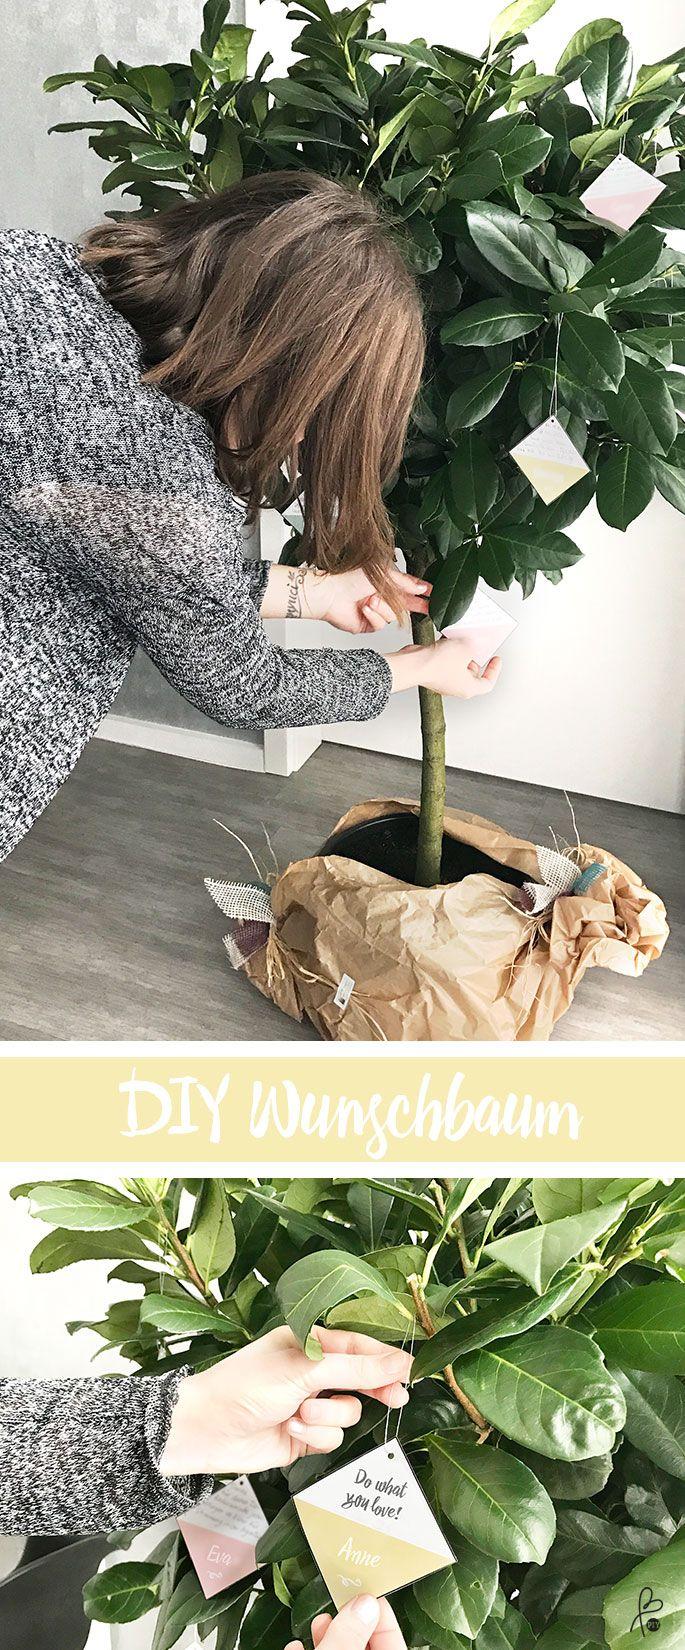 Wunschbaum DIY: Liebevolle Geschenkidee mit mehreren Leuten. Schön & einfach! #Wunschbaum #DIYGeschenk #doityourself #geschenkidee #baumhochzeit #weddingidea #gästebuch